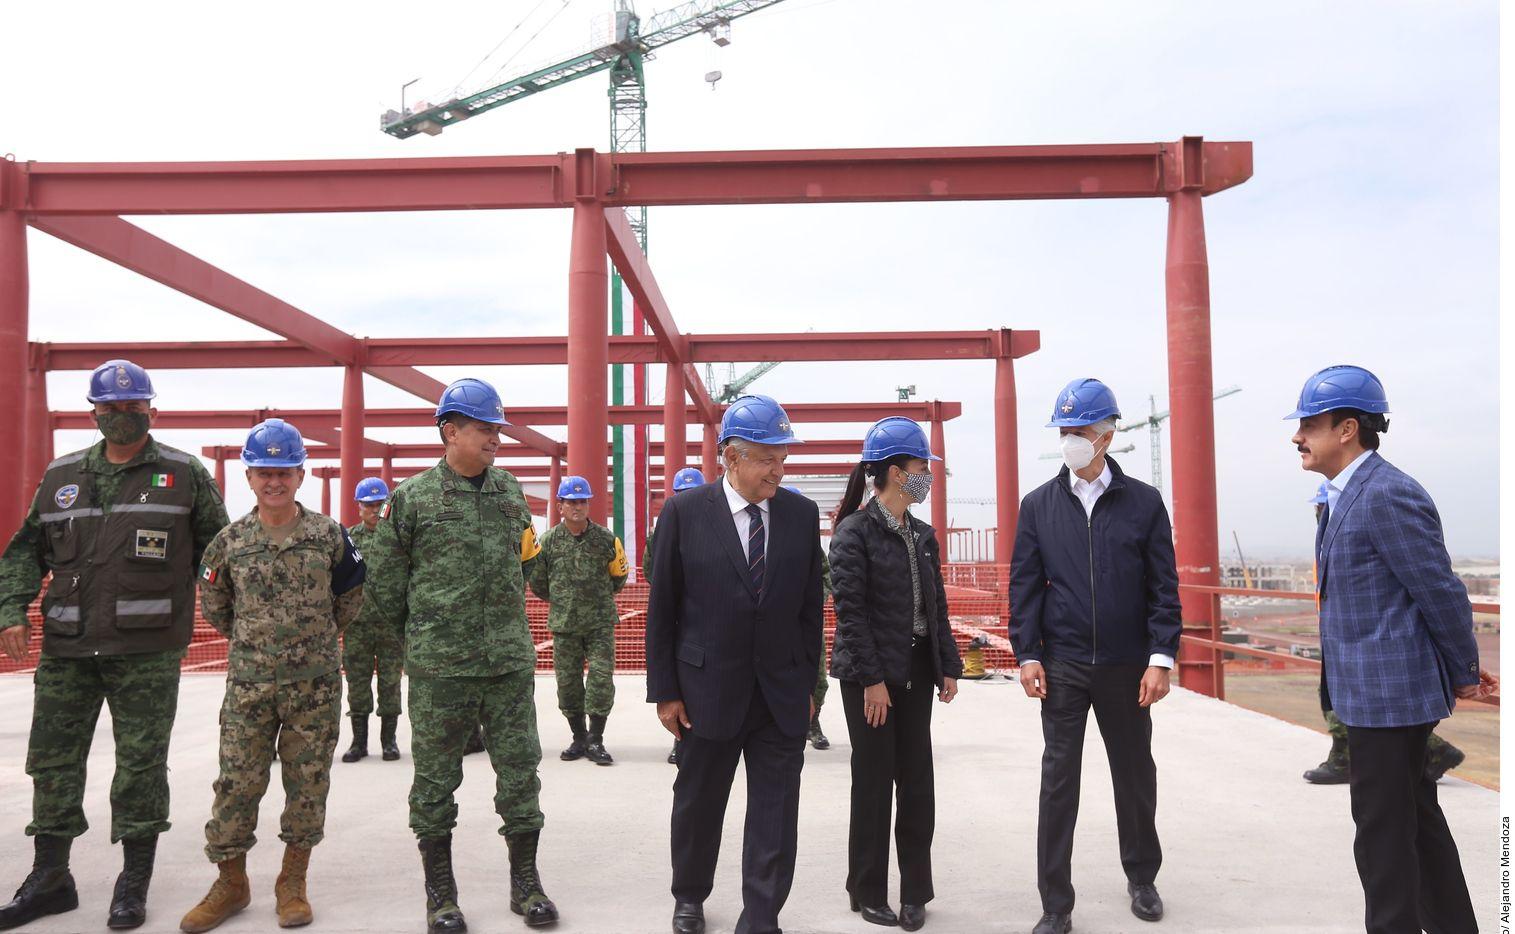 El presidente mexicano Andrés Manuel López Obrador (centro) pretende inaugurar el AIFA para vuelos comerciales en marzo de 2022.